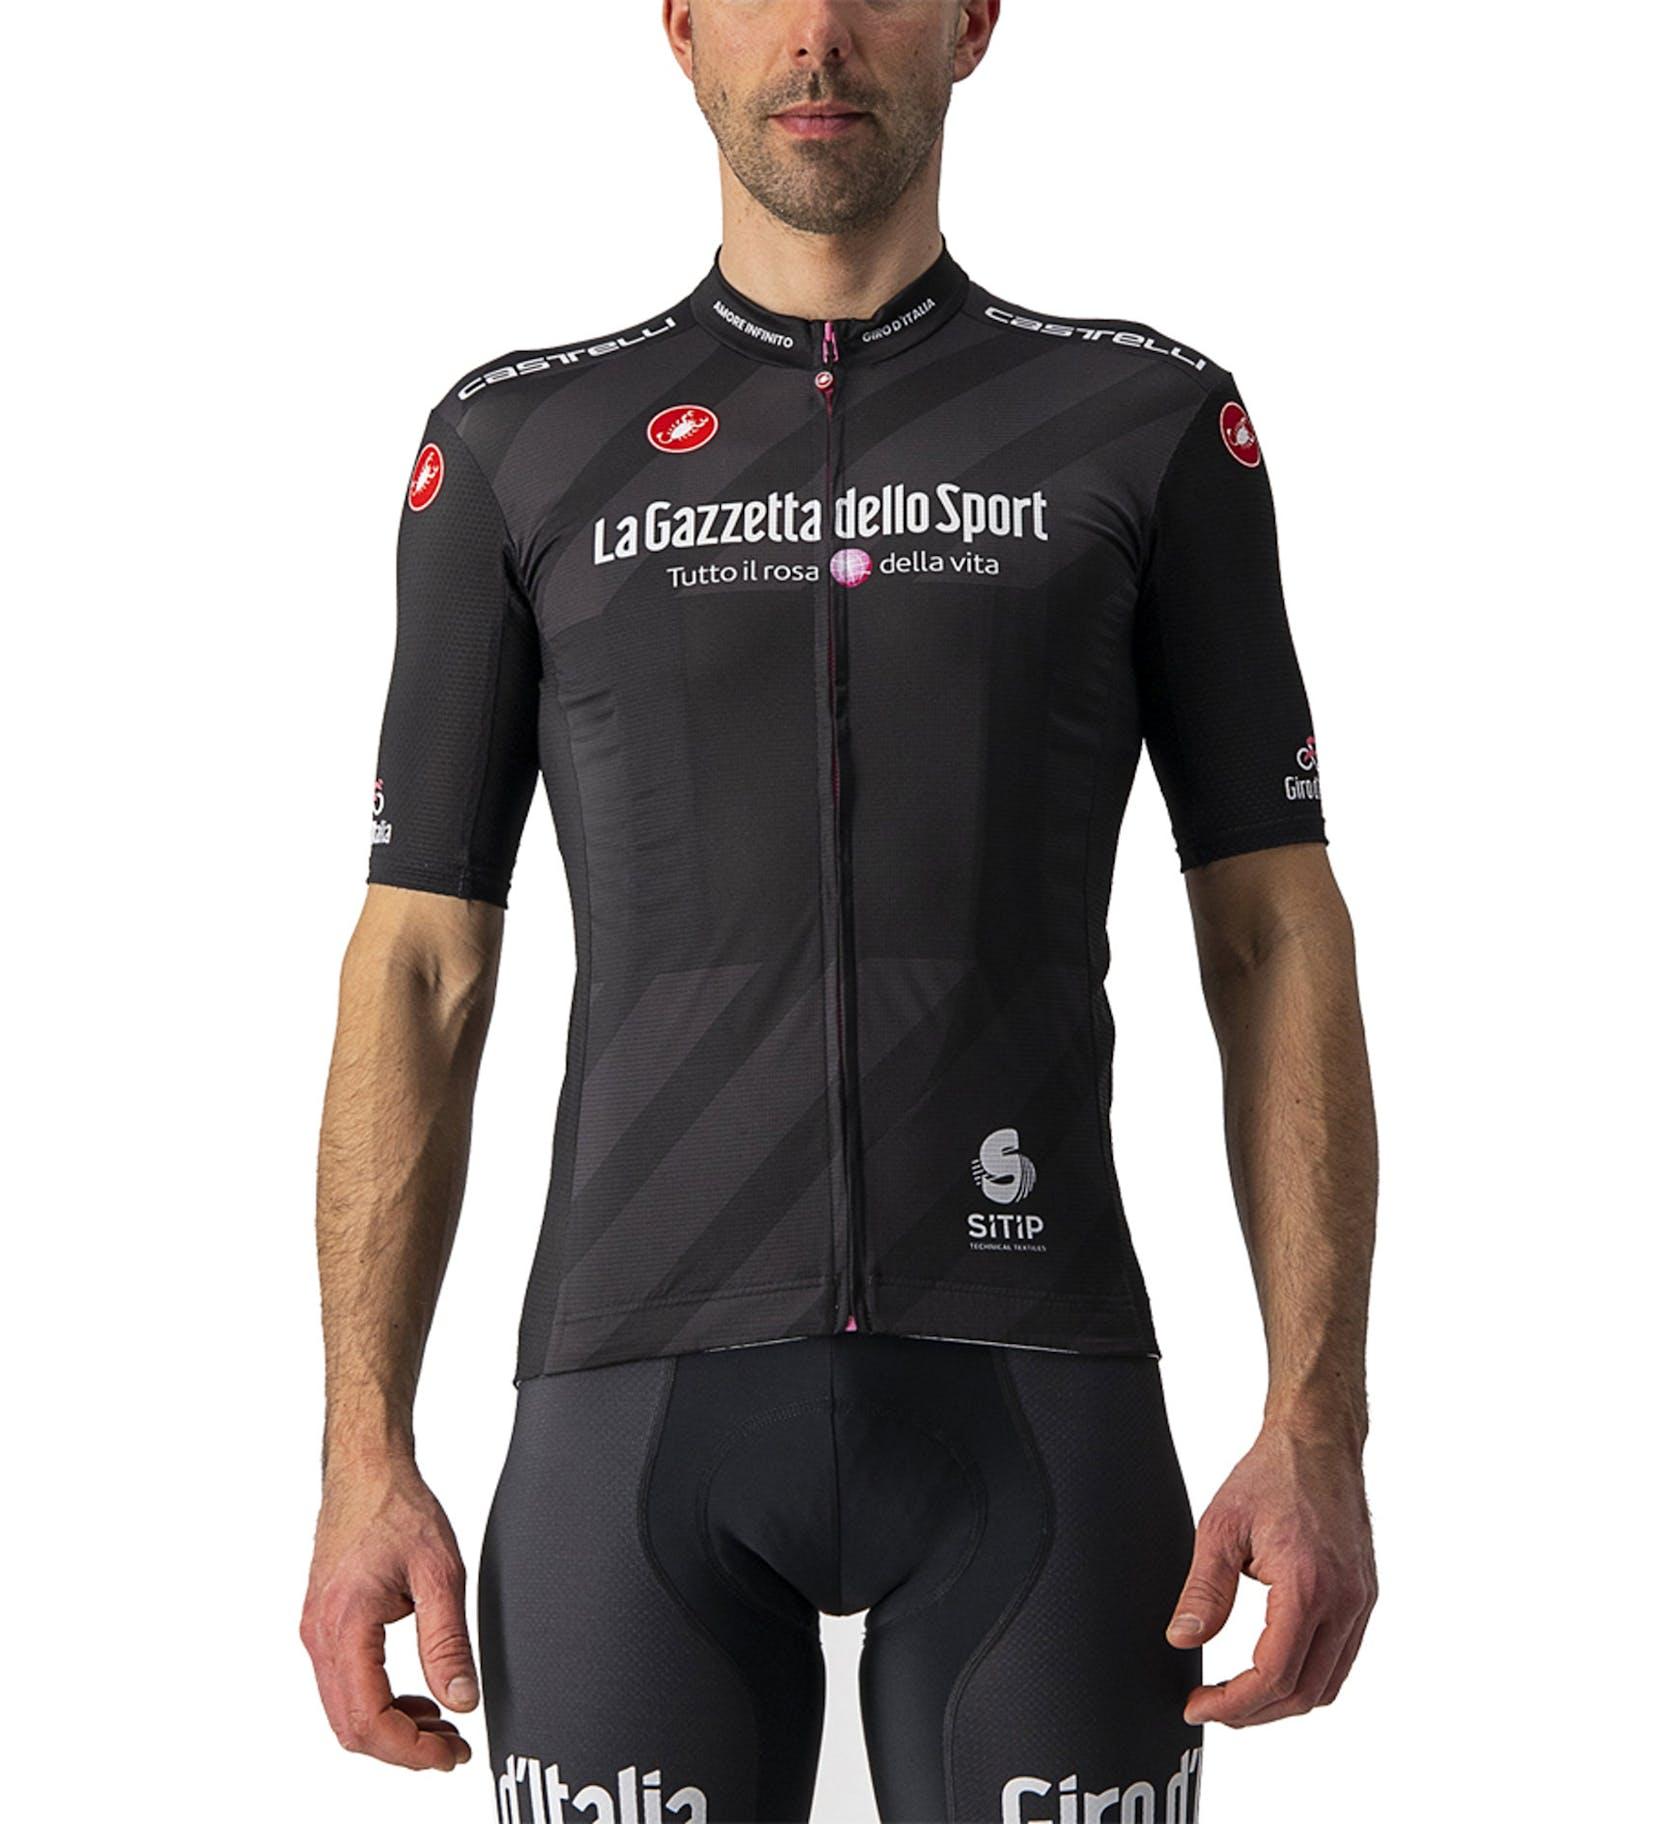 Castelli Schwarzes Trikot Competizione Giro d'Italia 2021 - Herren